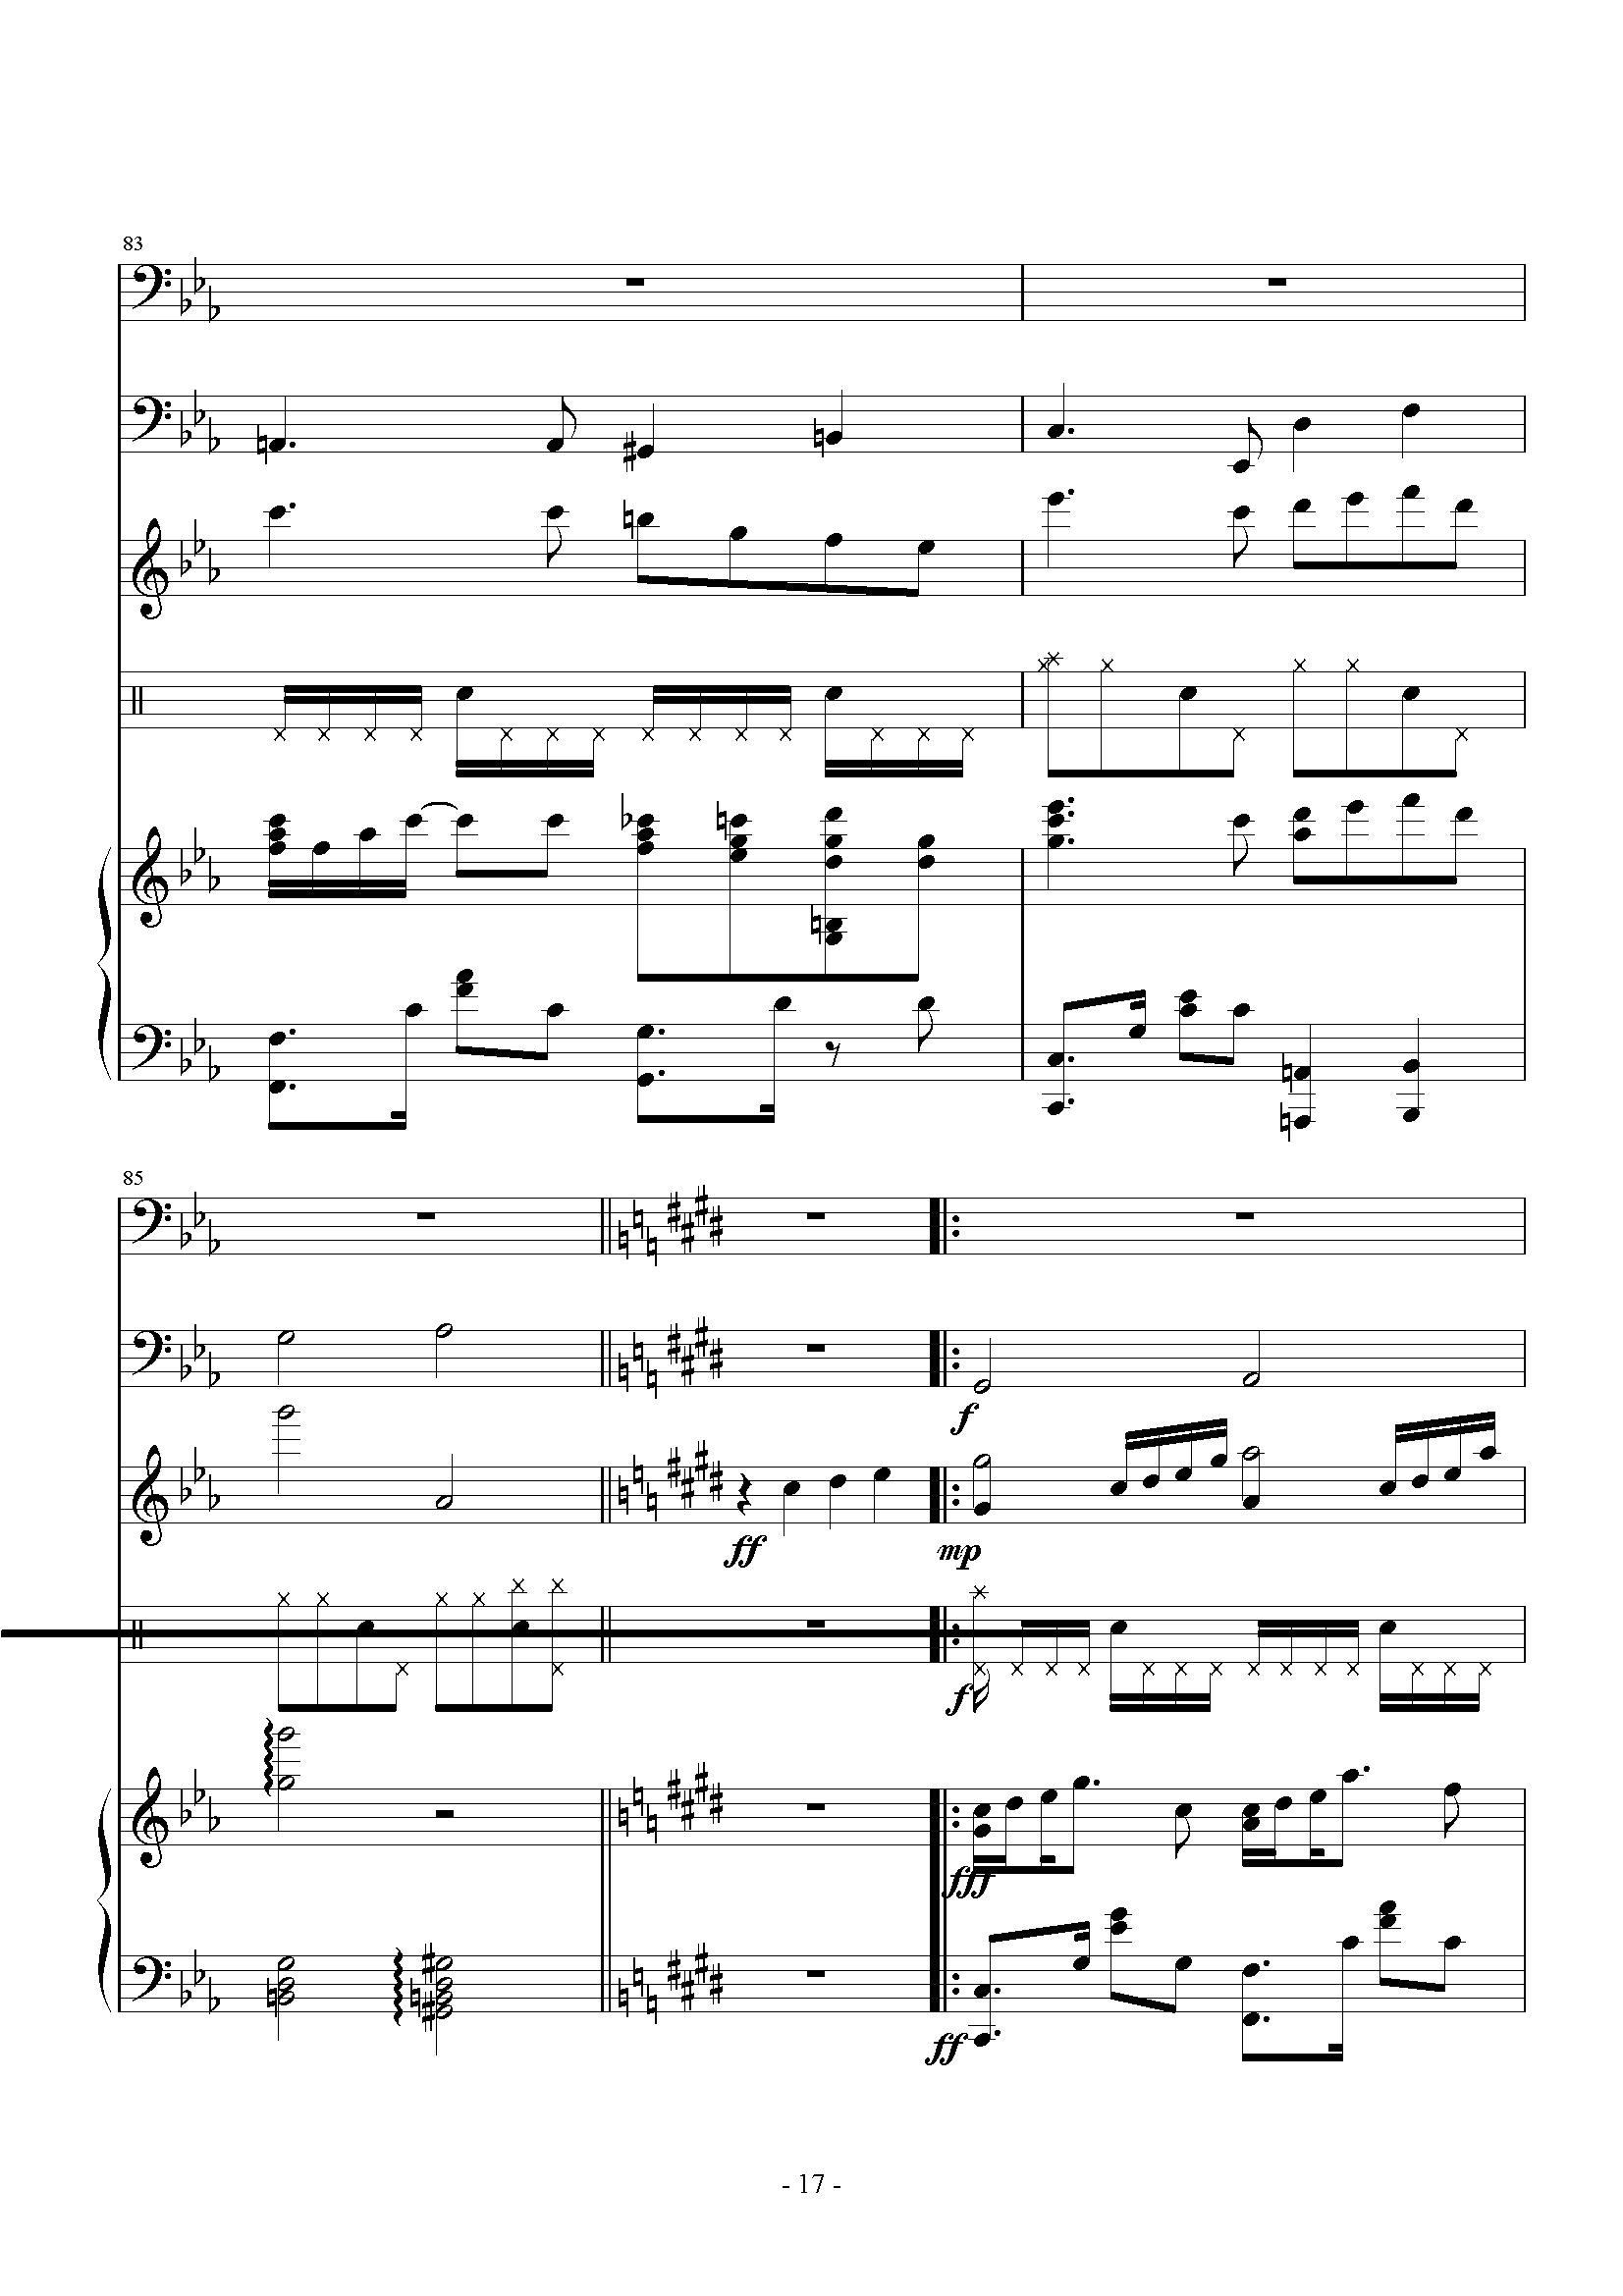 褪色的夏天钢琴谱 第17页